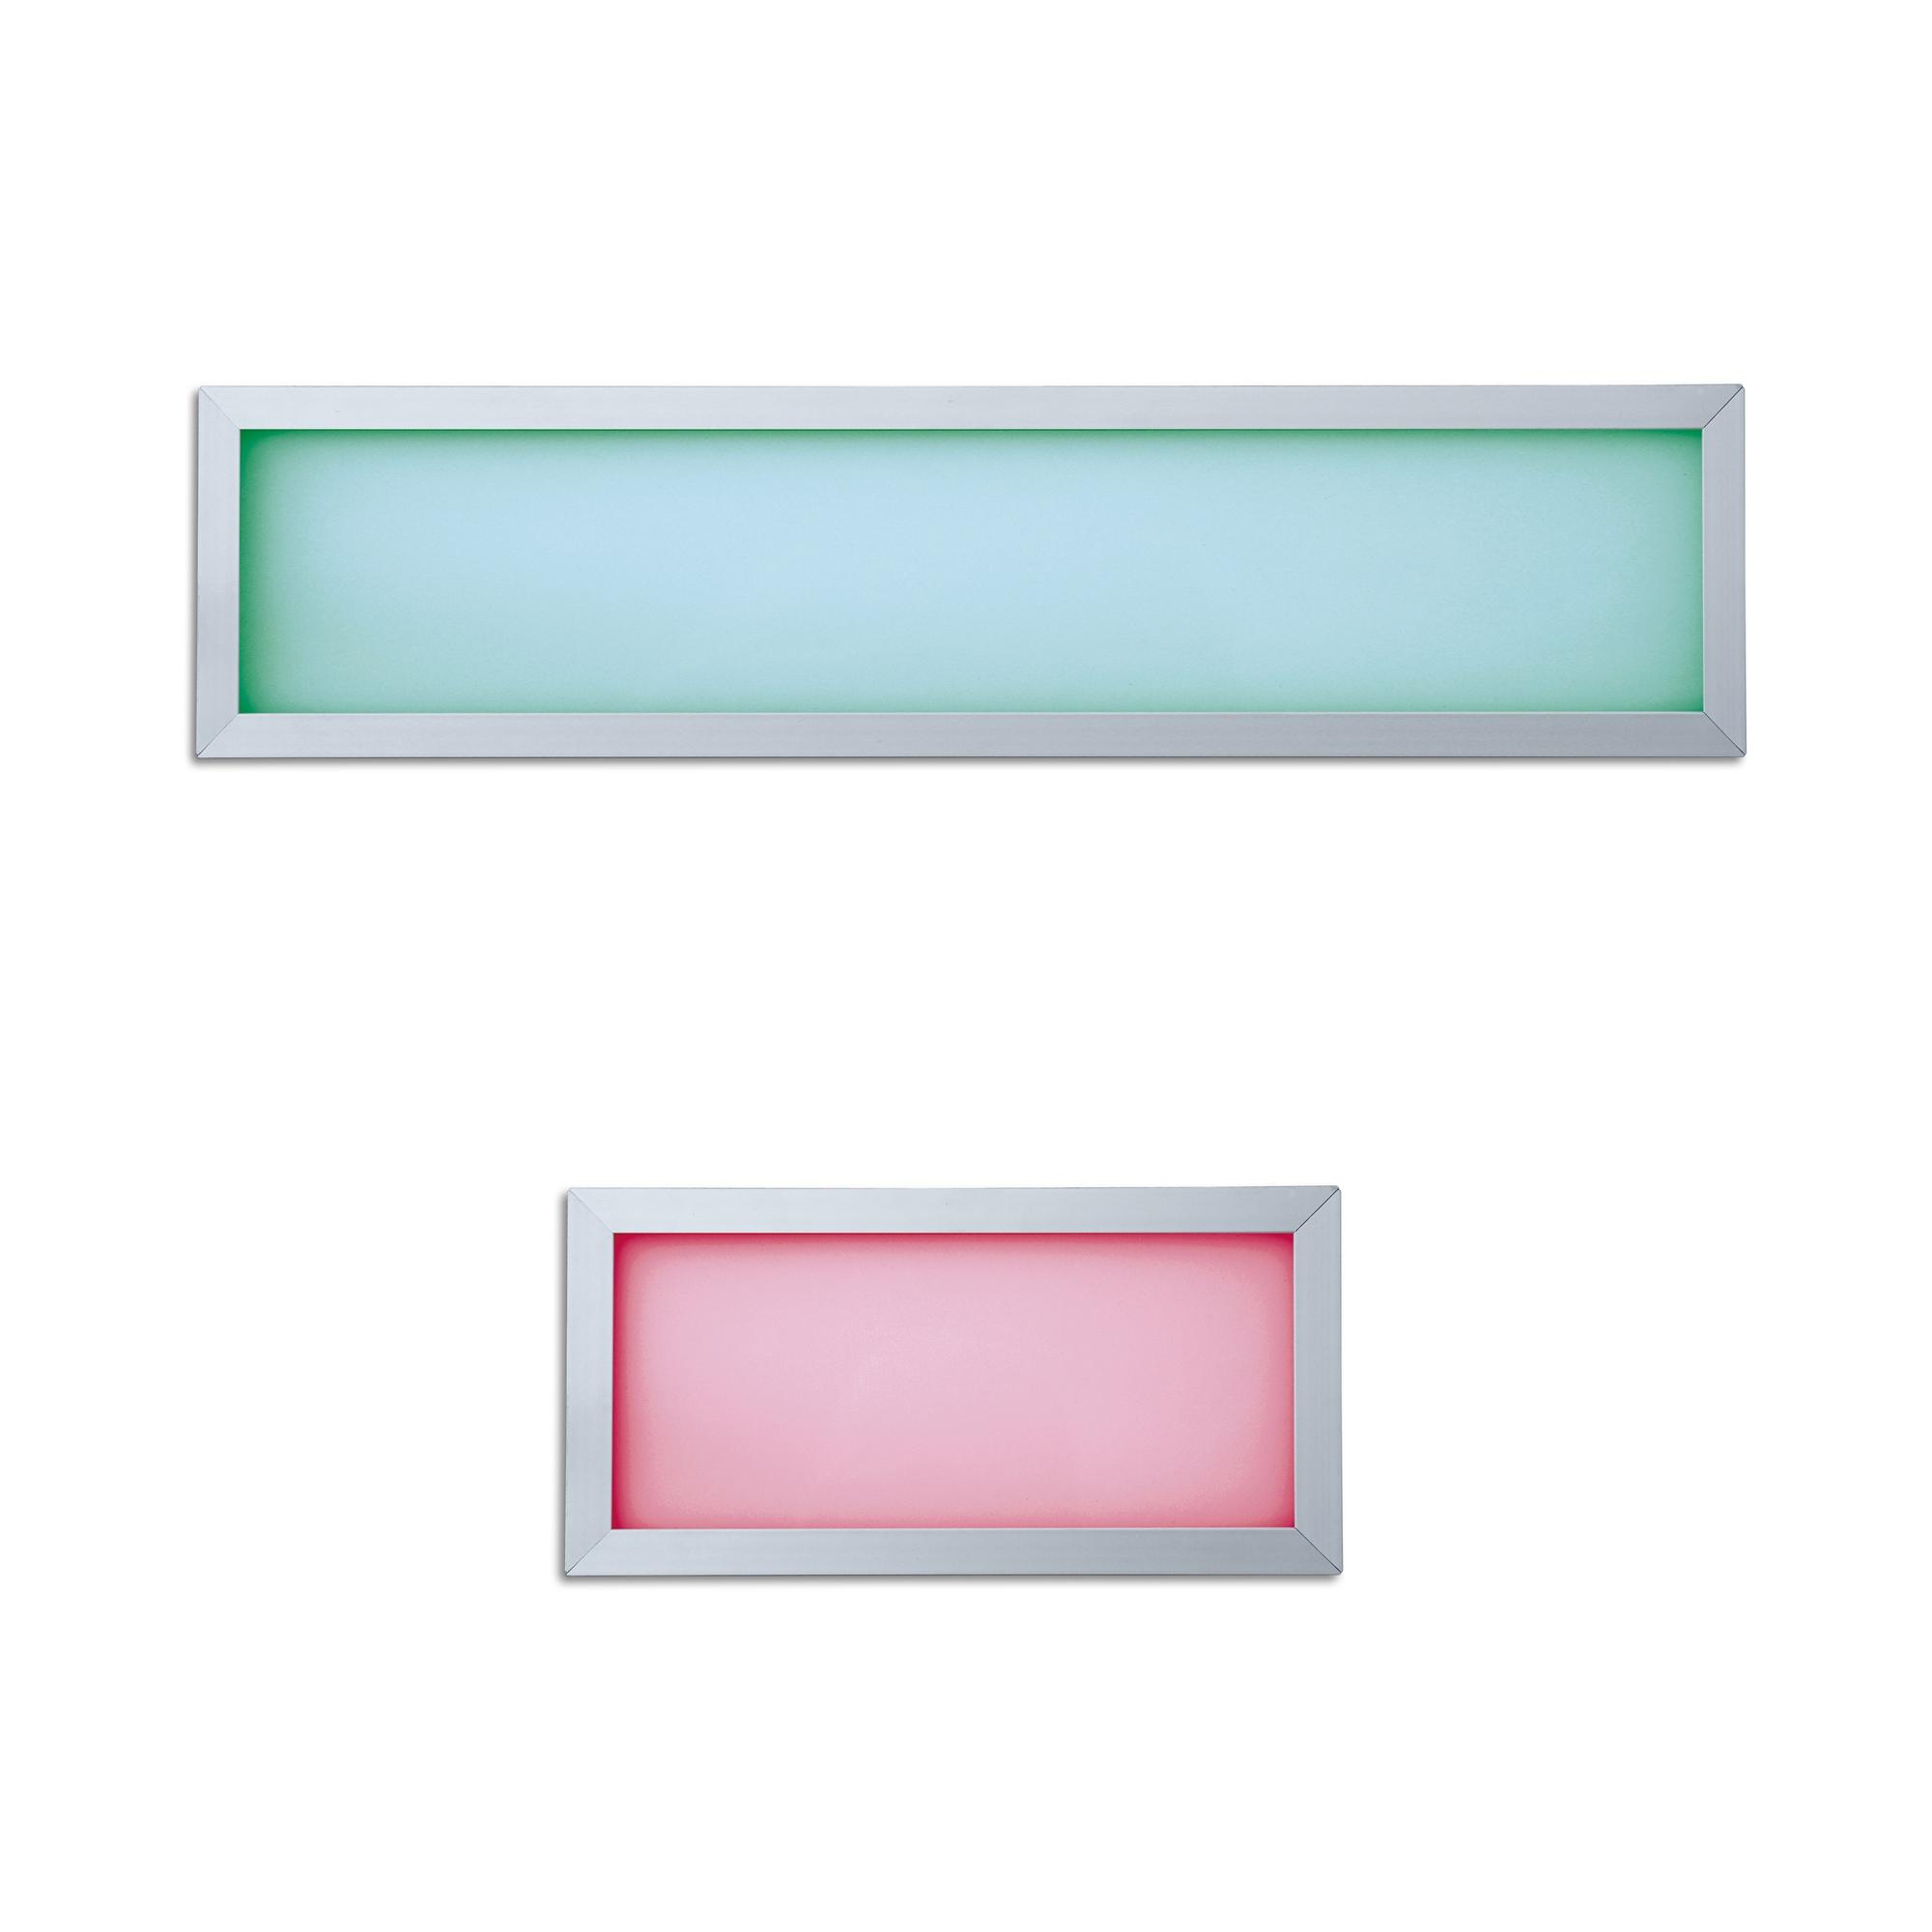 Lampenlux LED RGB Panelo Einbaupanel Haiko silber 9/18W